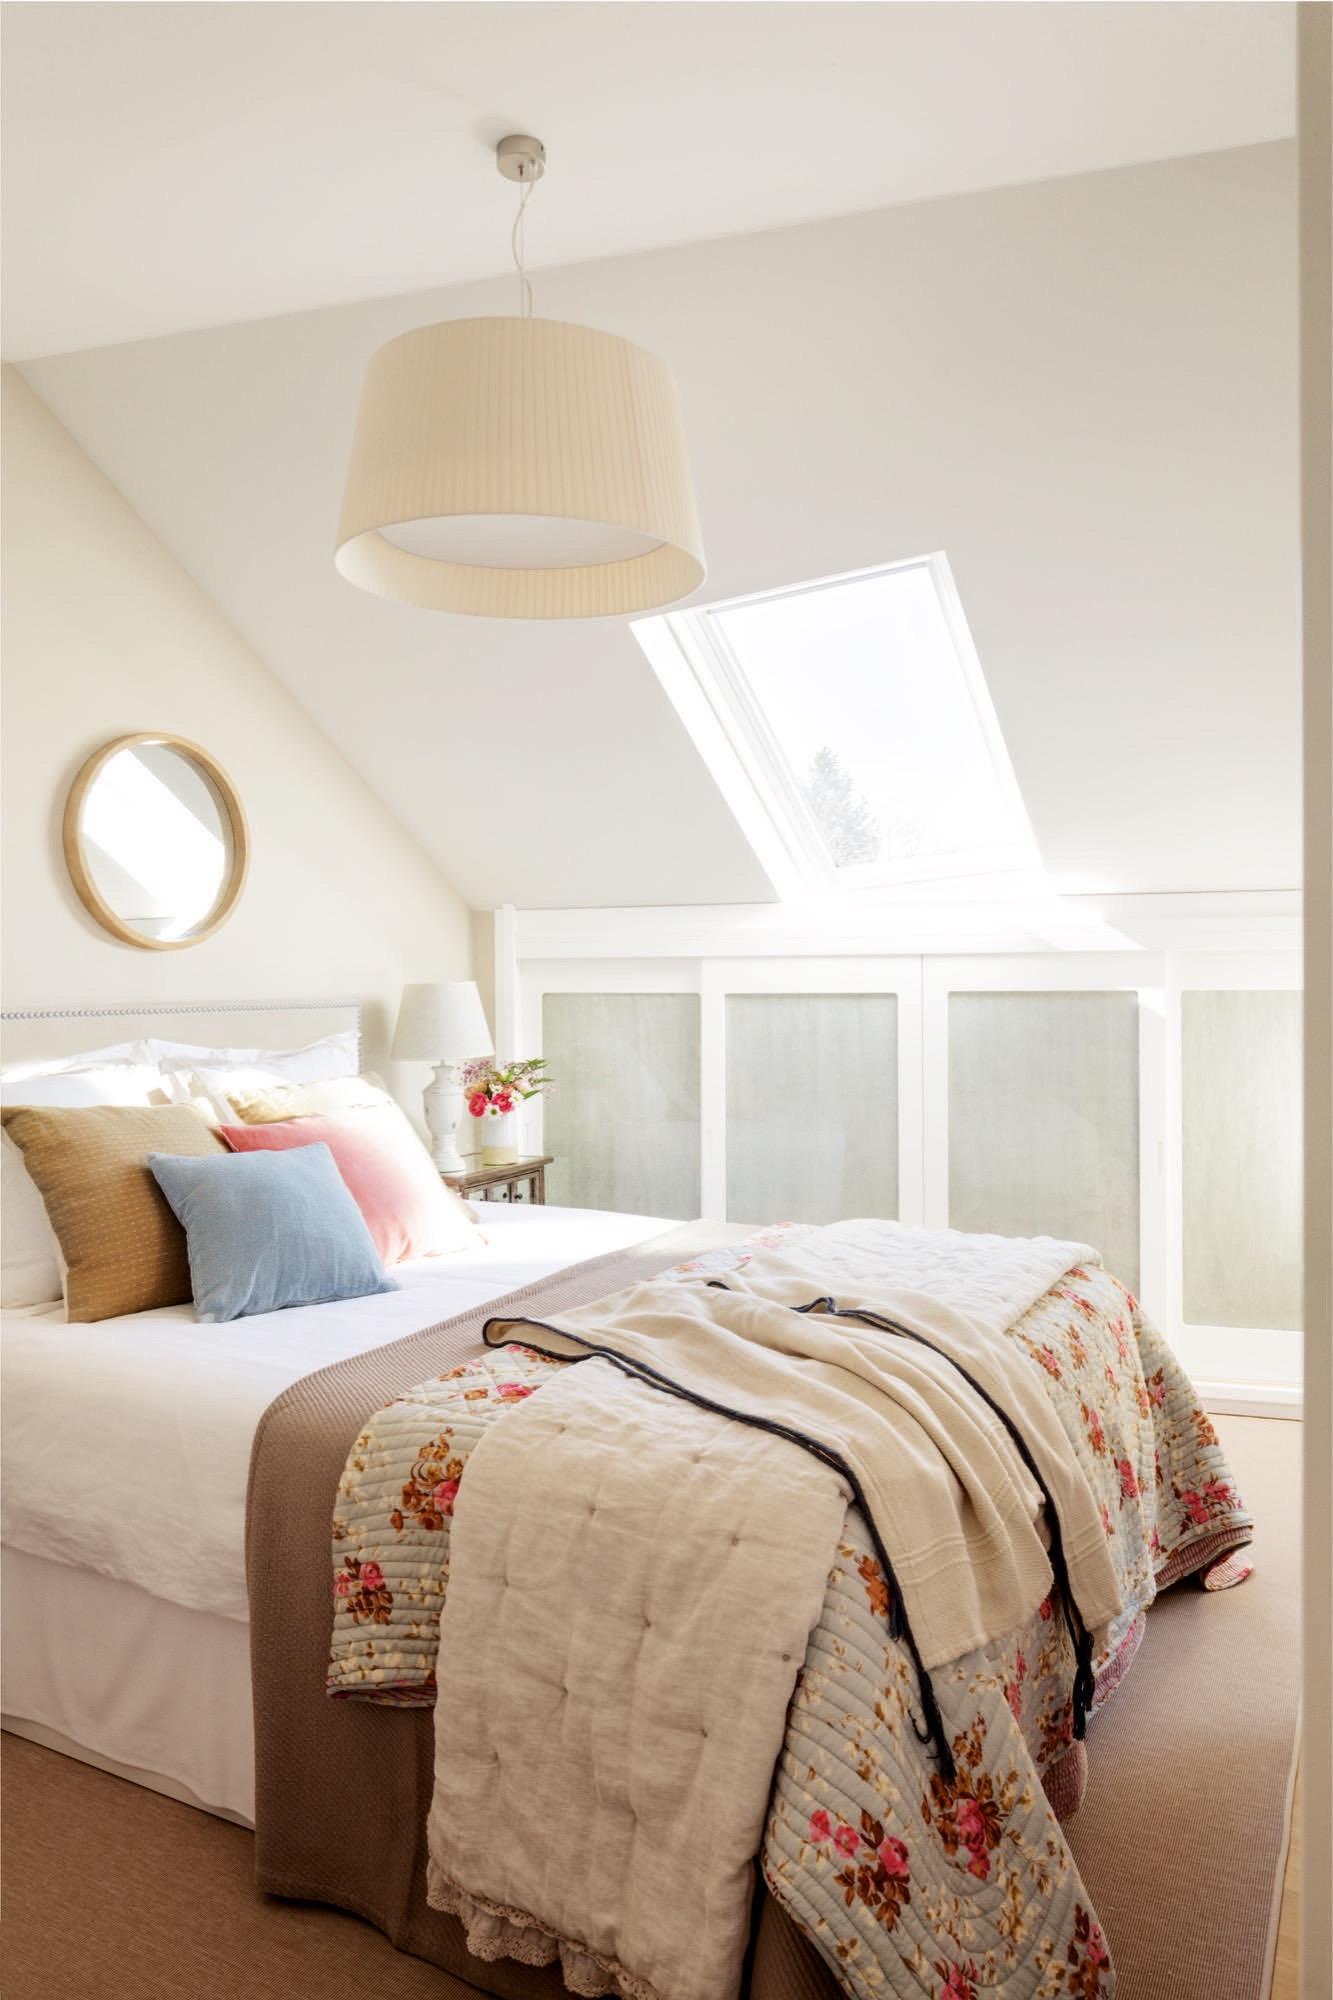 dormitorio abuhardillado con armarios a media altura